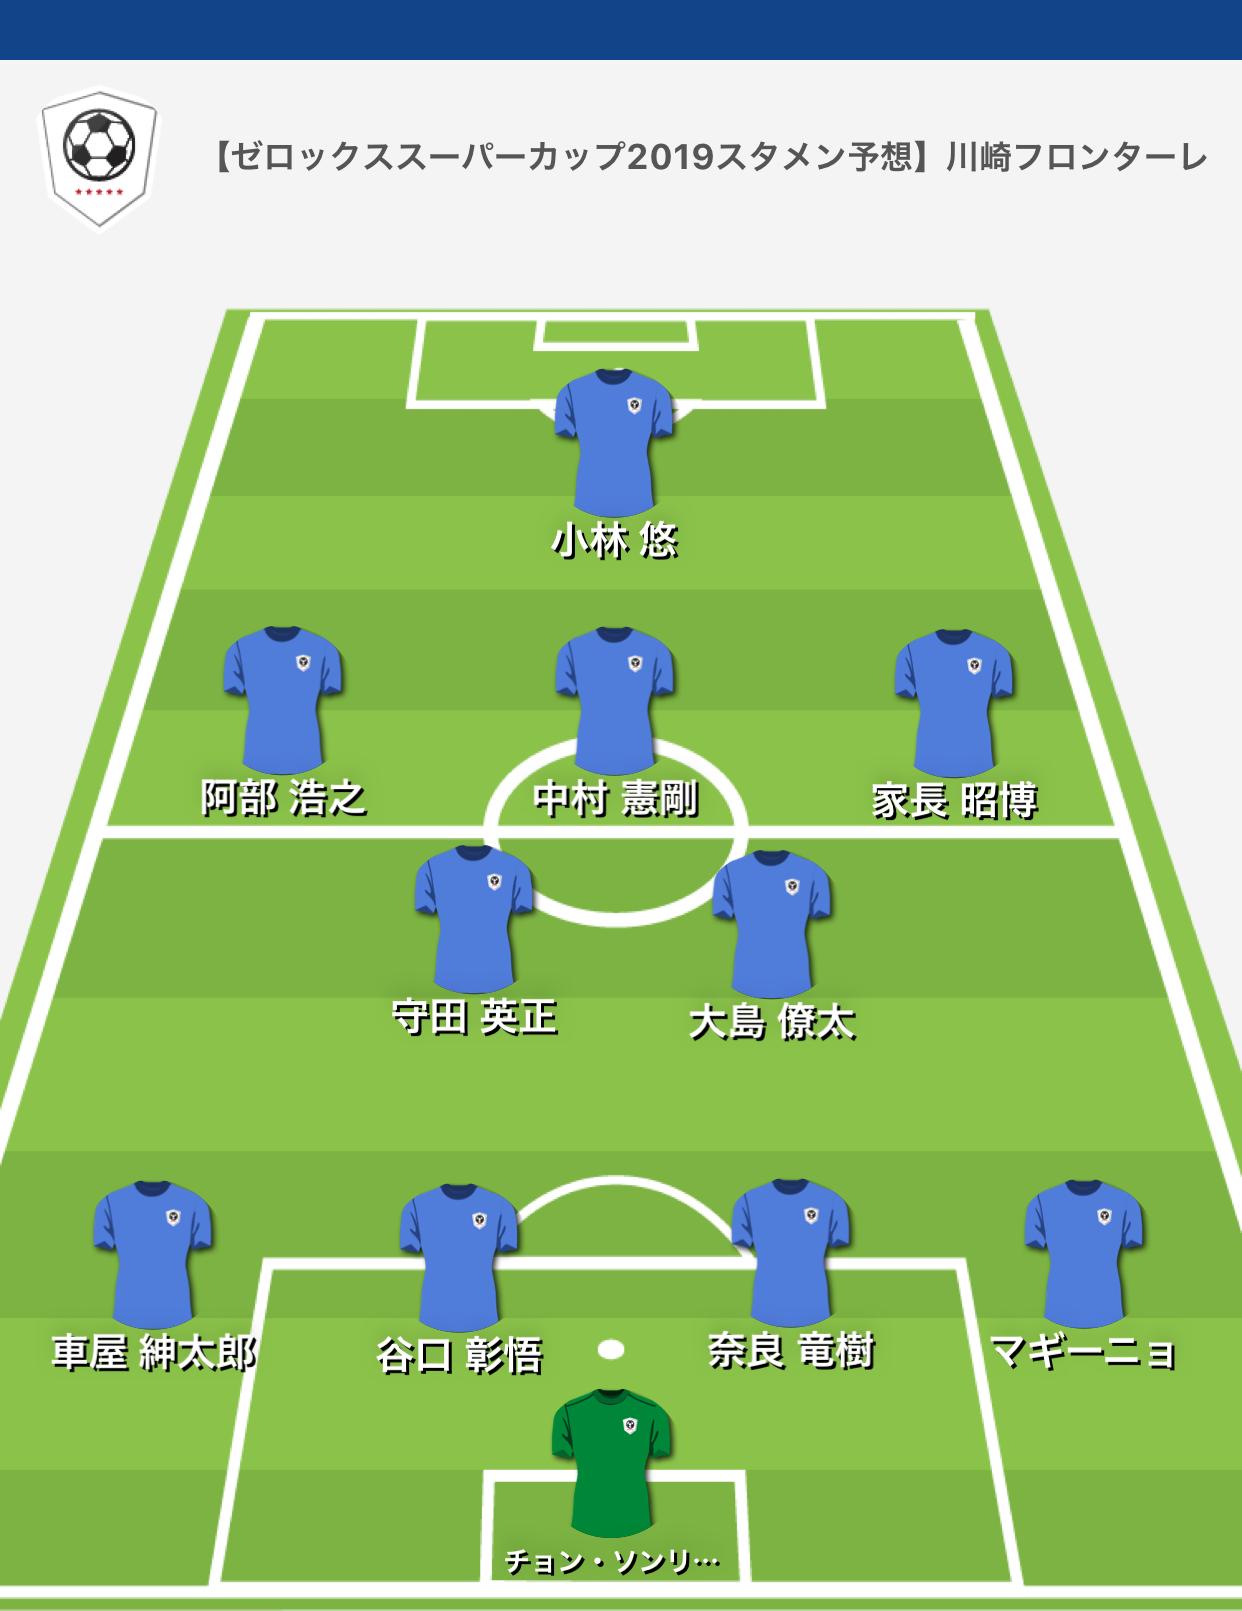 ゼロックススーパーカップ2019川崎フロンターレスタメン予想